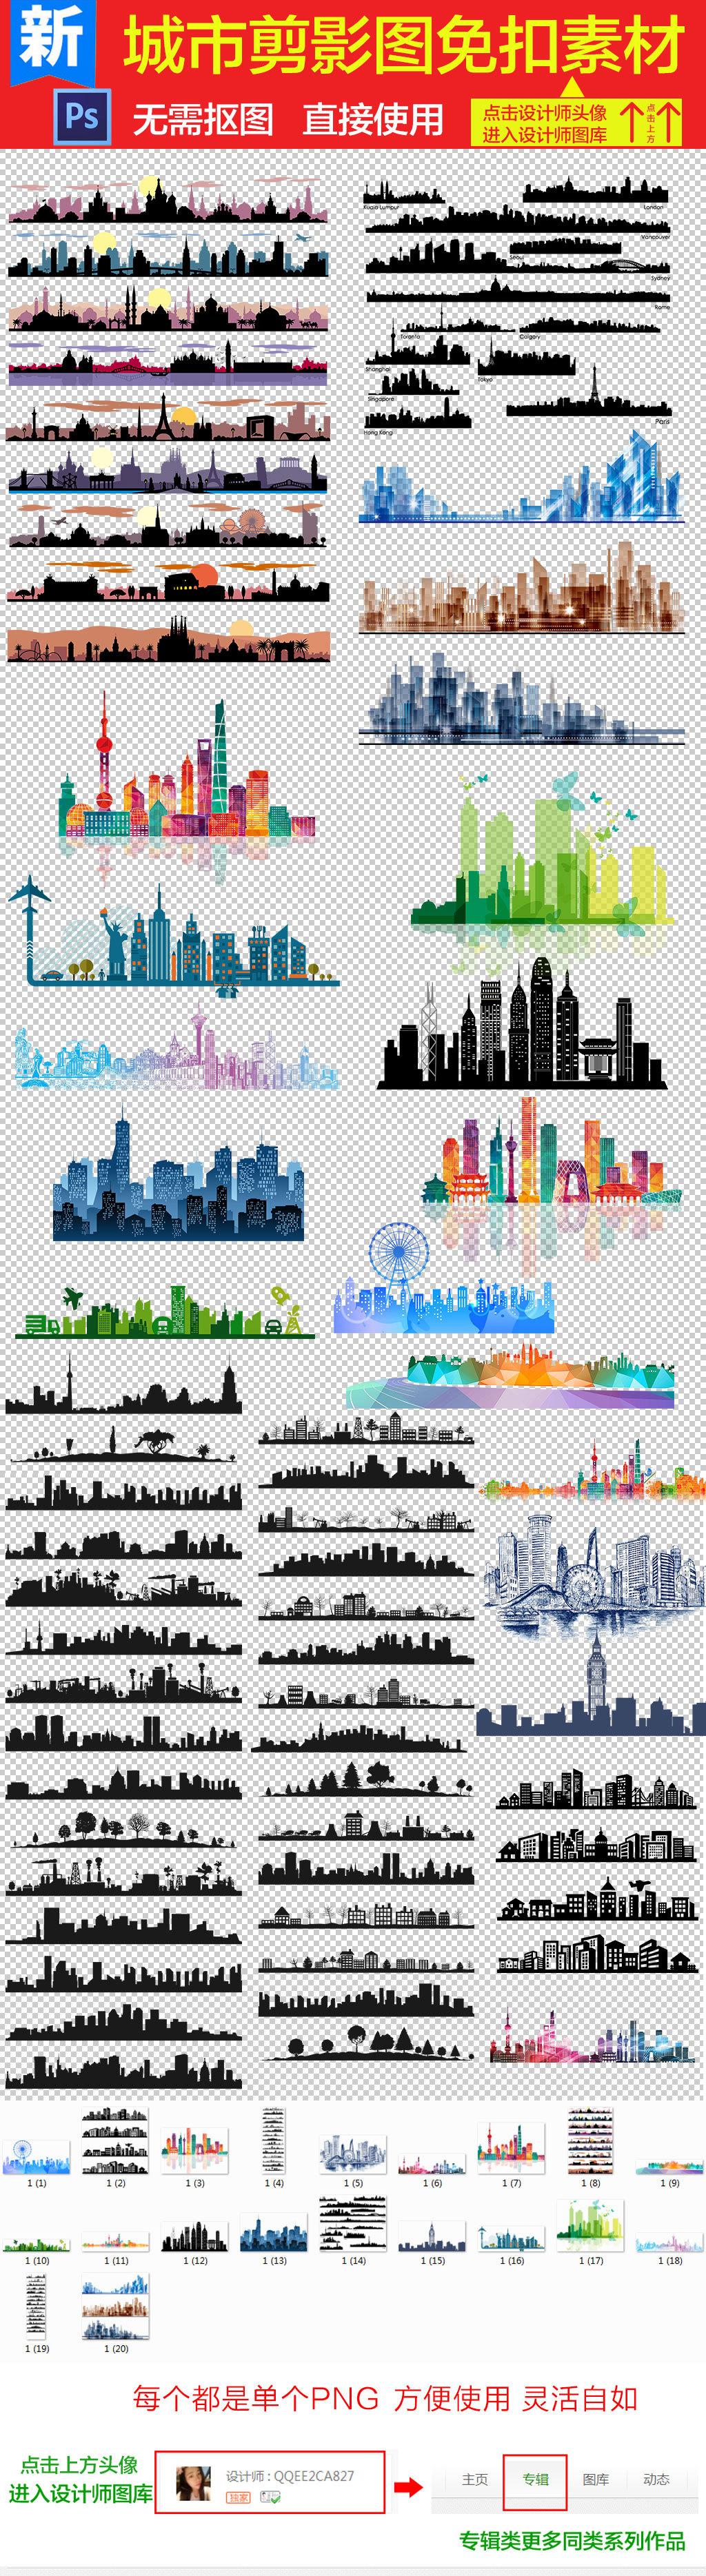 城市建筑背景                                    房屋偏平化